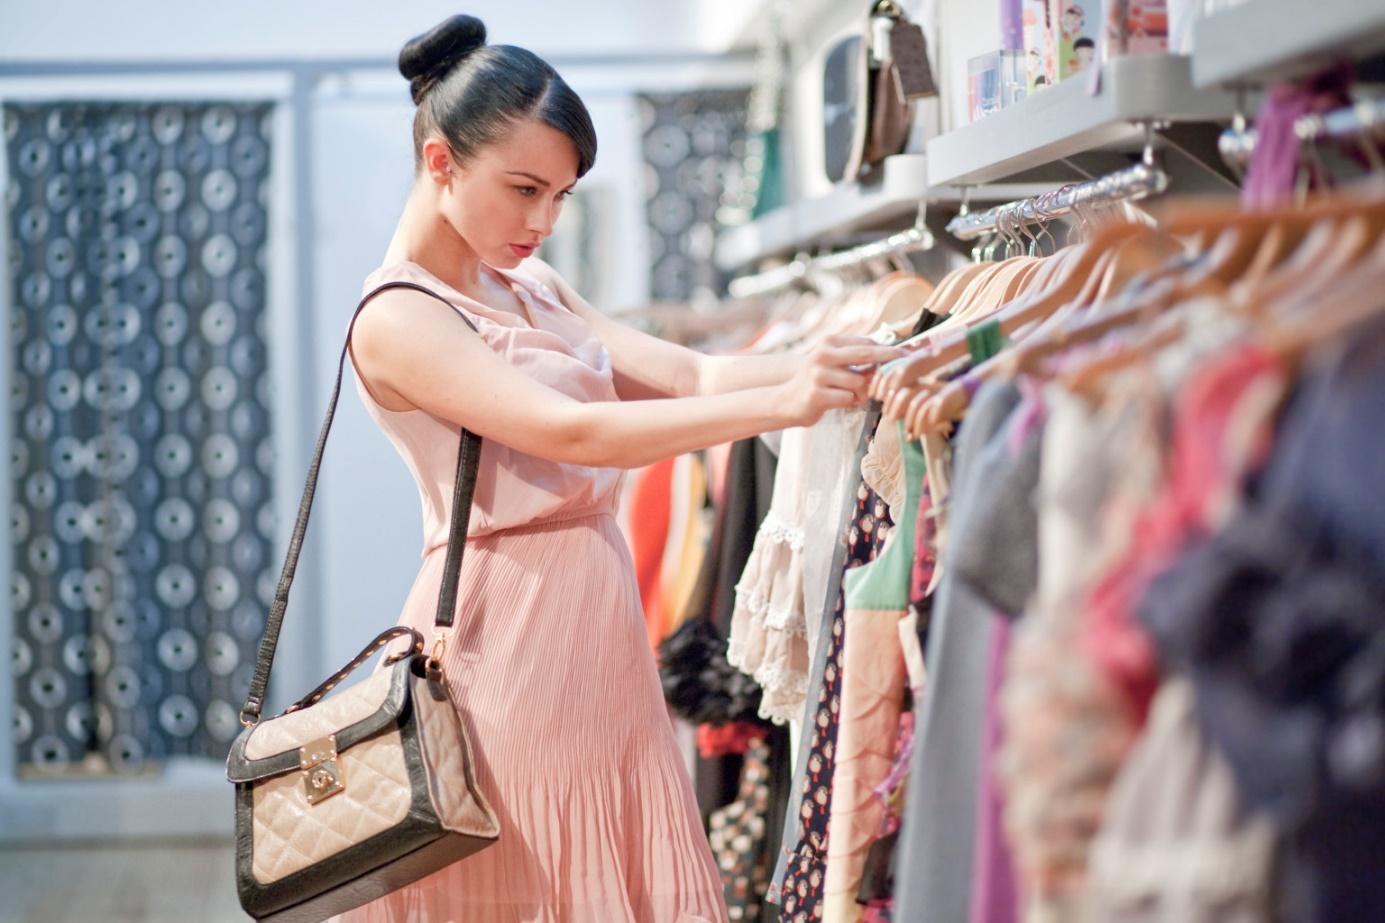 7 секретов, как тратить меньше, а выглядеть дорого и стильно